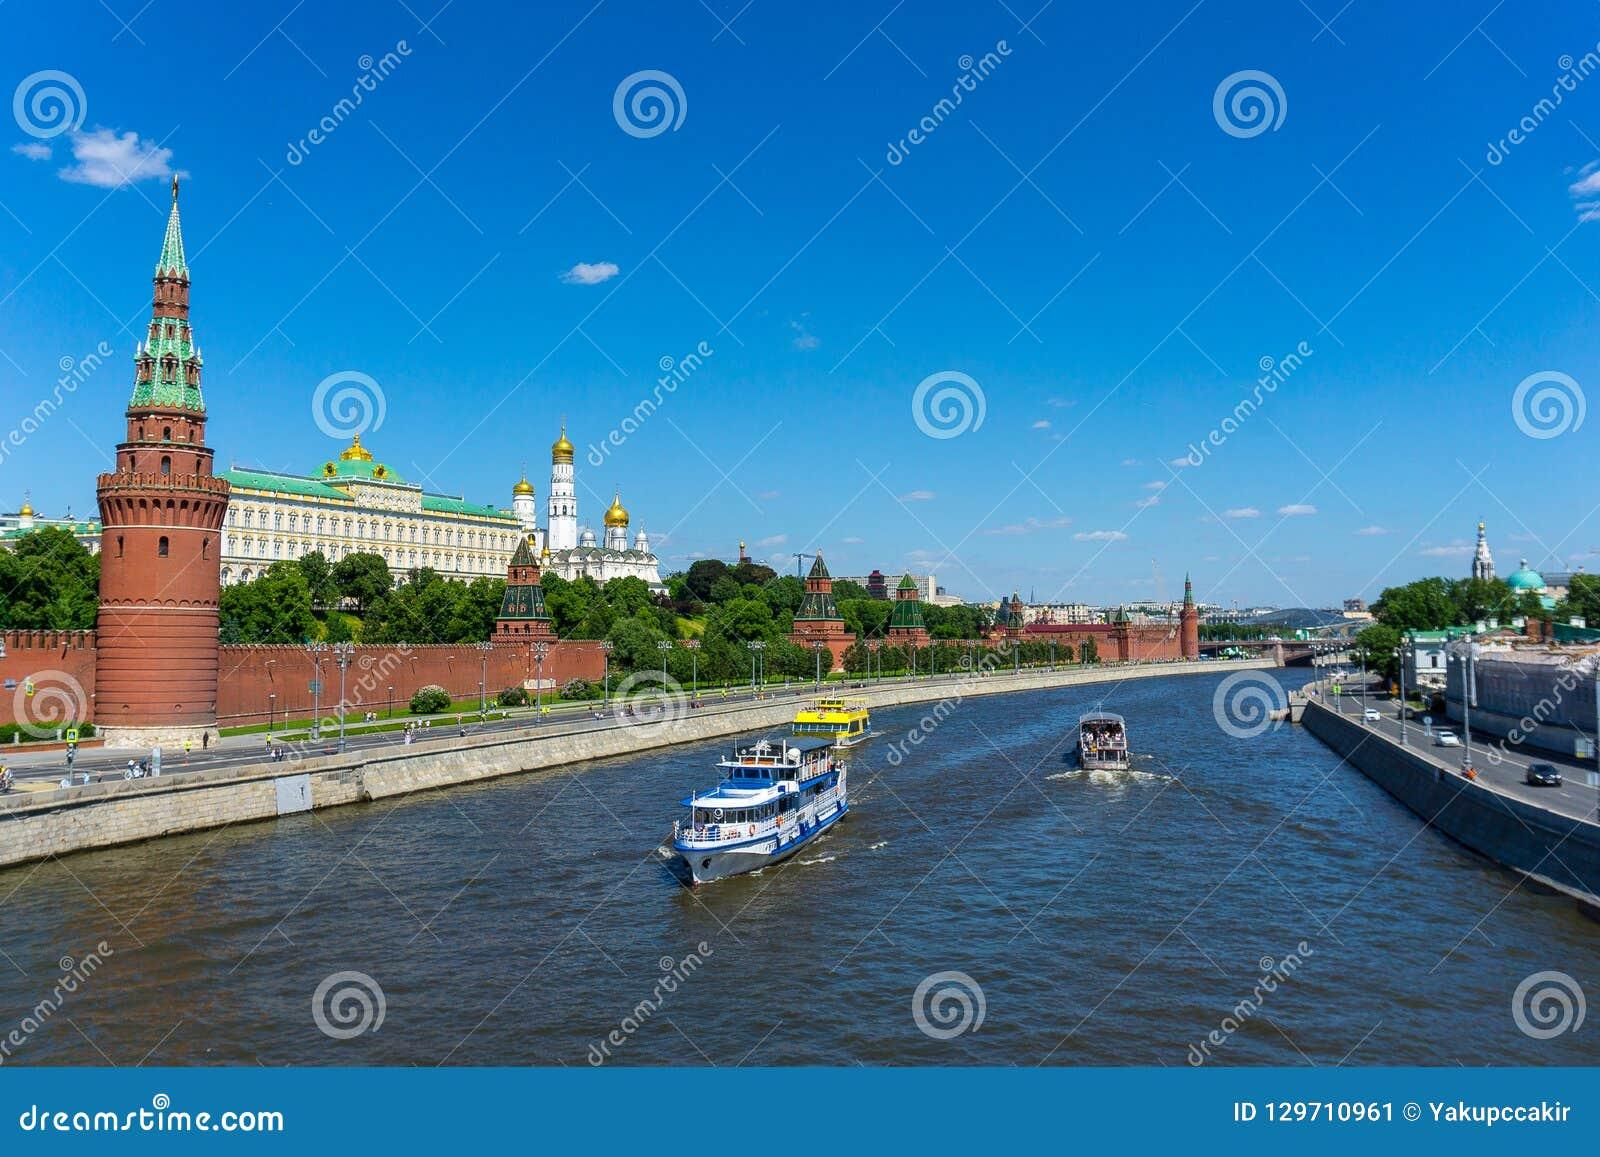 Palacio de Moscú el Kremlin del puente en el río